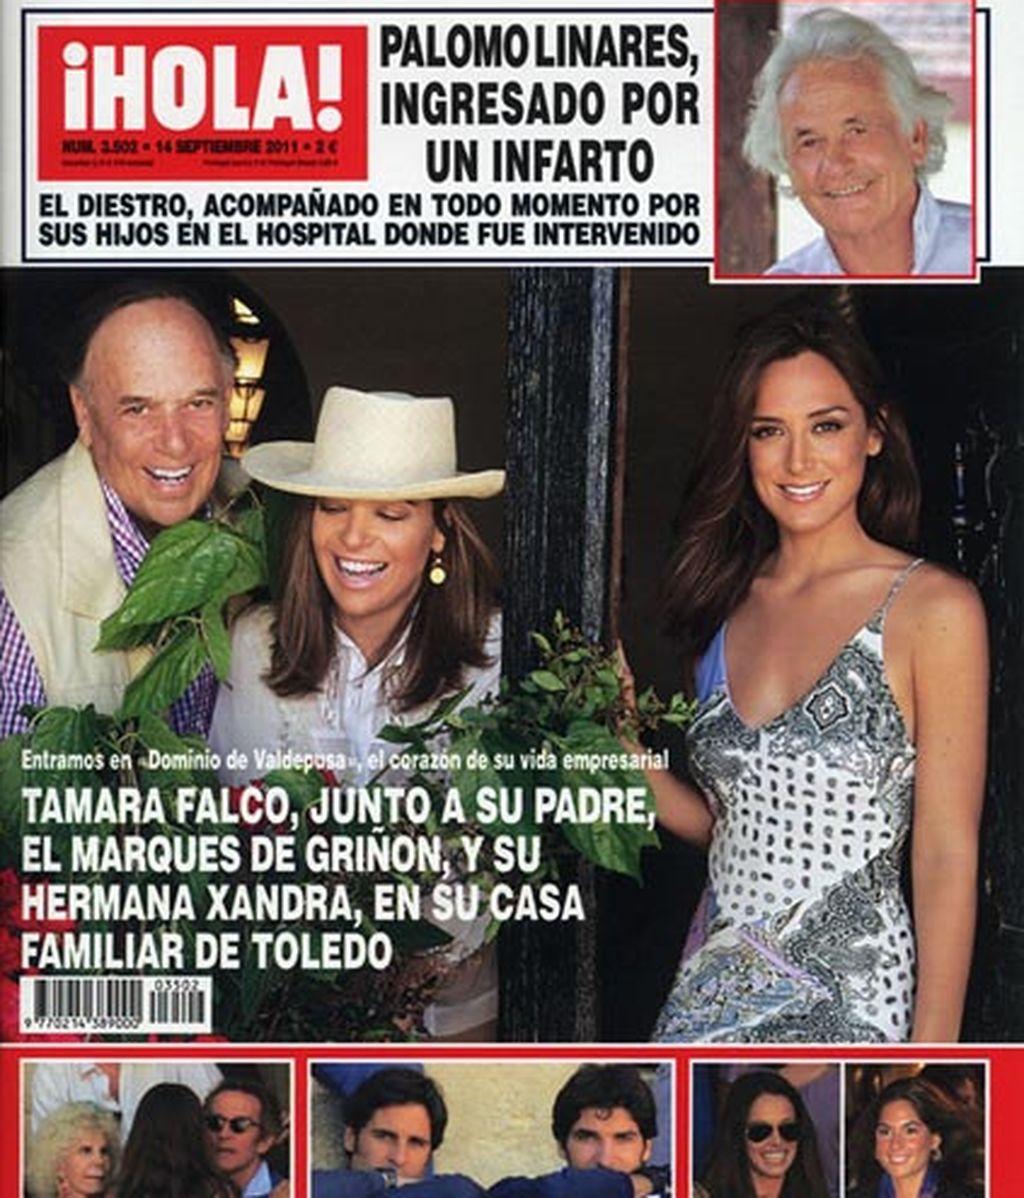 Tamara Falcó y su padre, en la portada de ¡Hola!